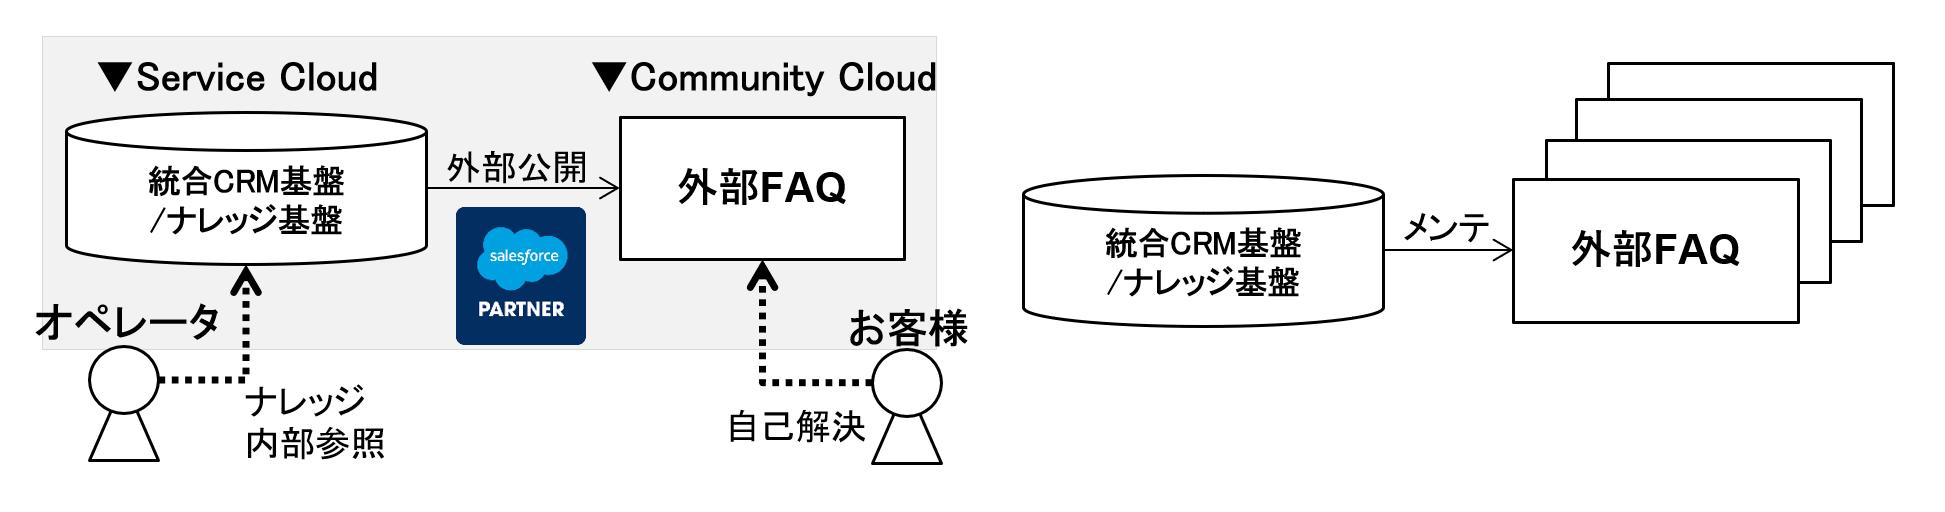 複数の外部FAQを統一し、総合FAQサイトの実現